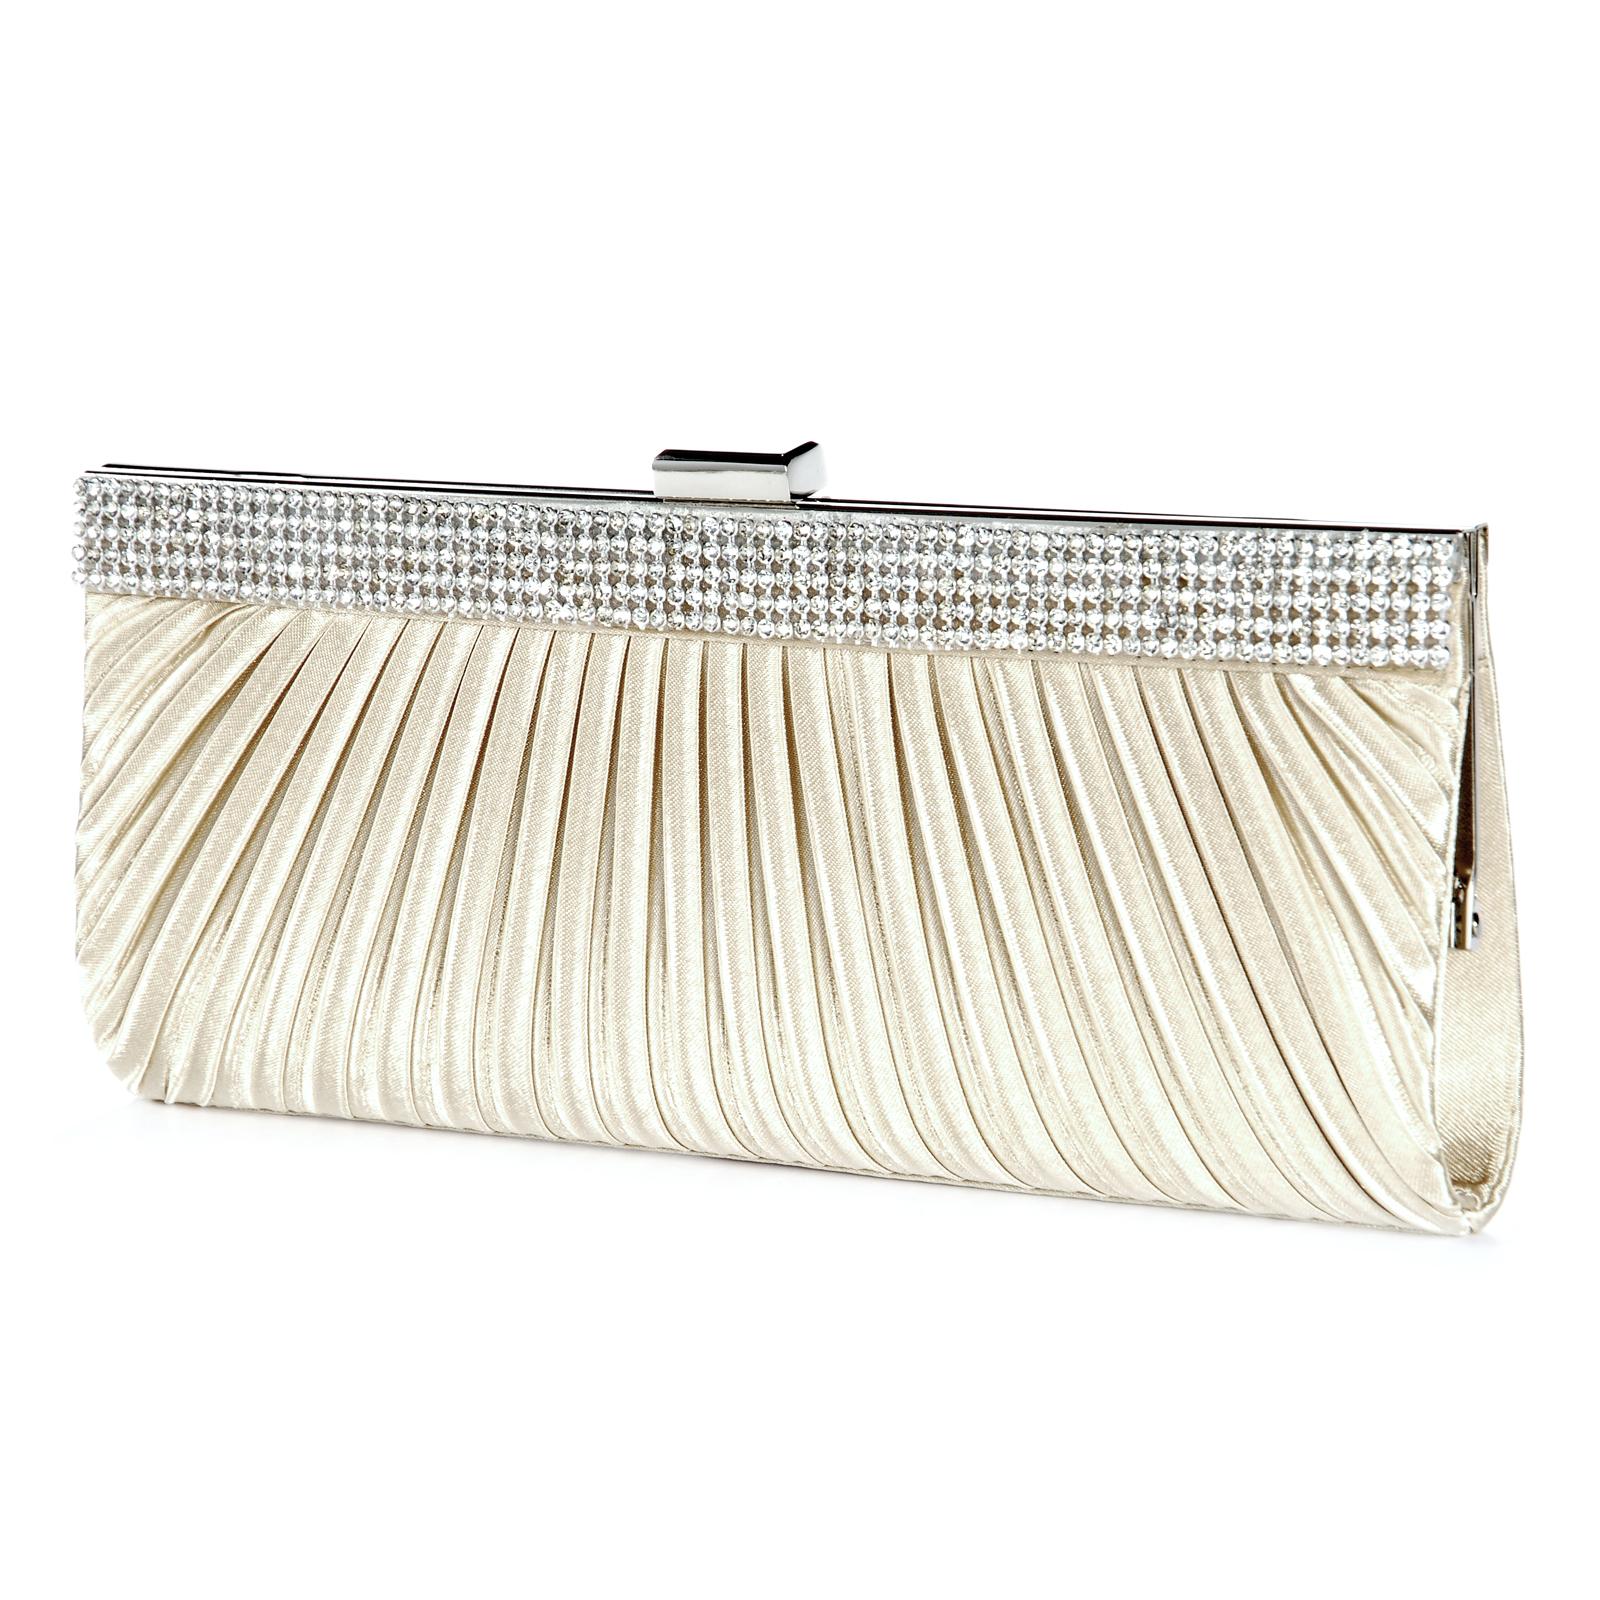 Satin Crystal Bridal Wedding Clutch Bag Chain Strap Evening Handbag Purse   EBay